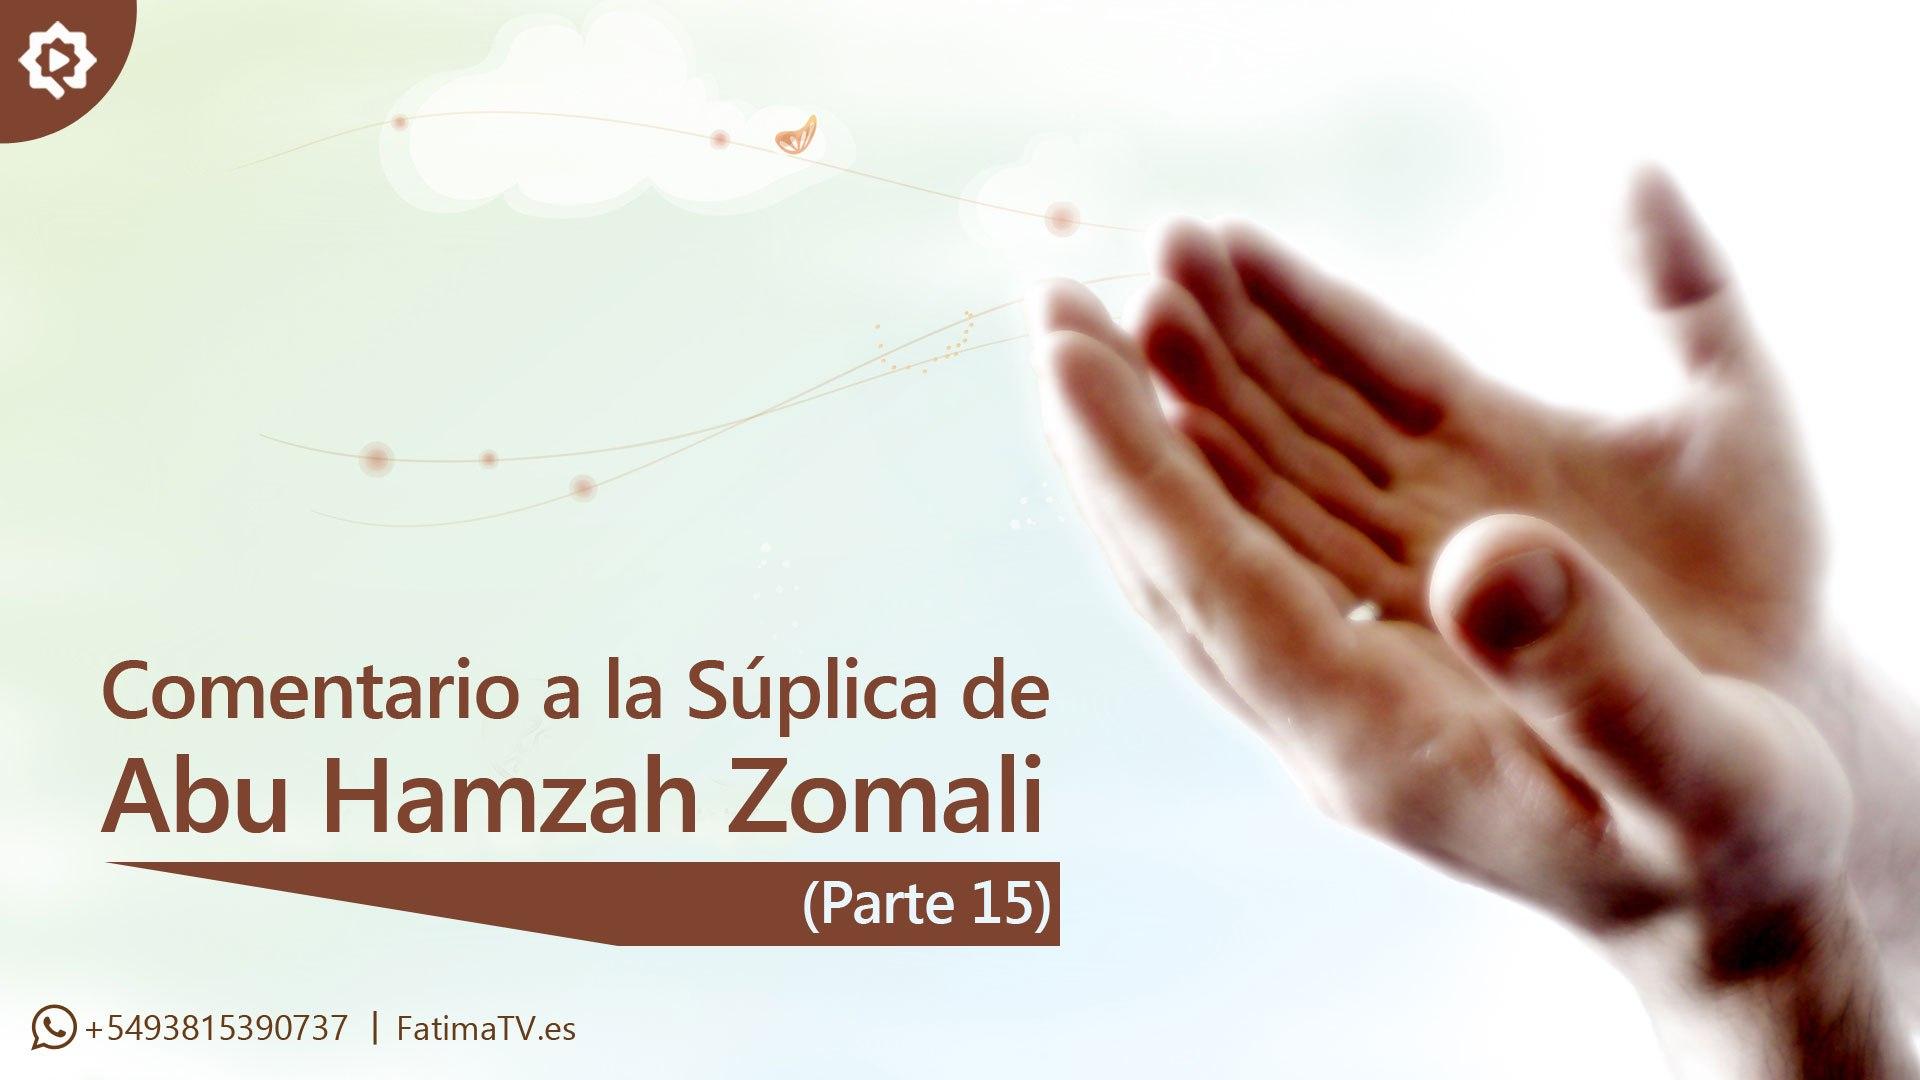 Comentario a la Súplica de Abu Hamzah Zomali (15)